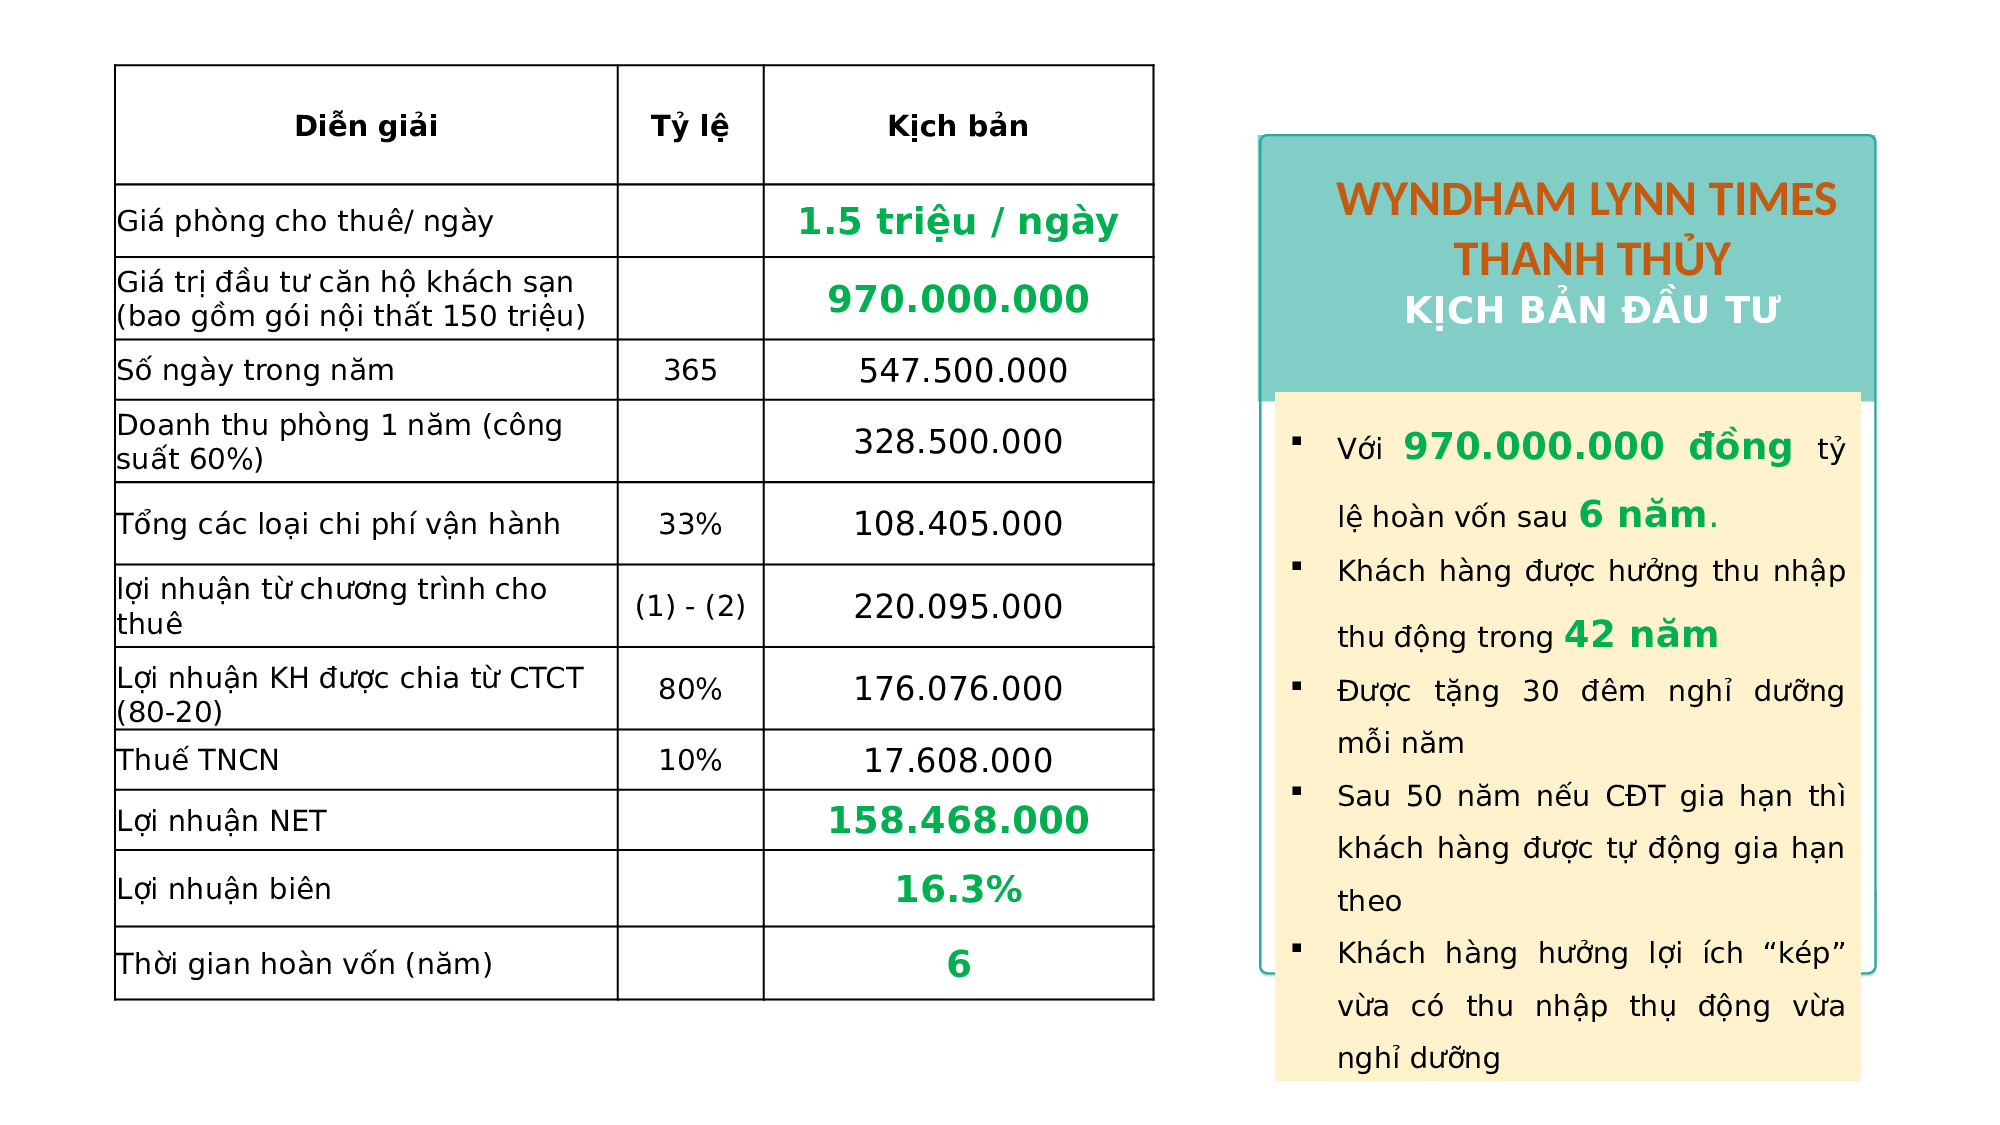 de-thuyet-trinh-whttnew291119edited-13